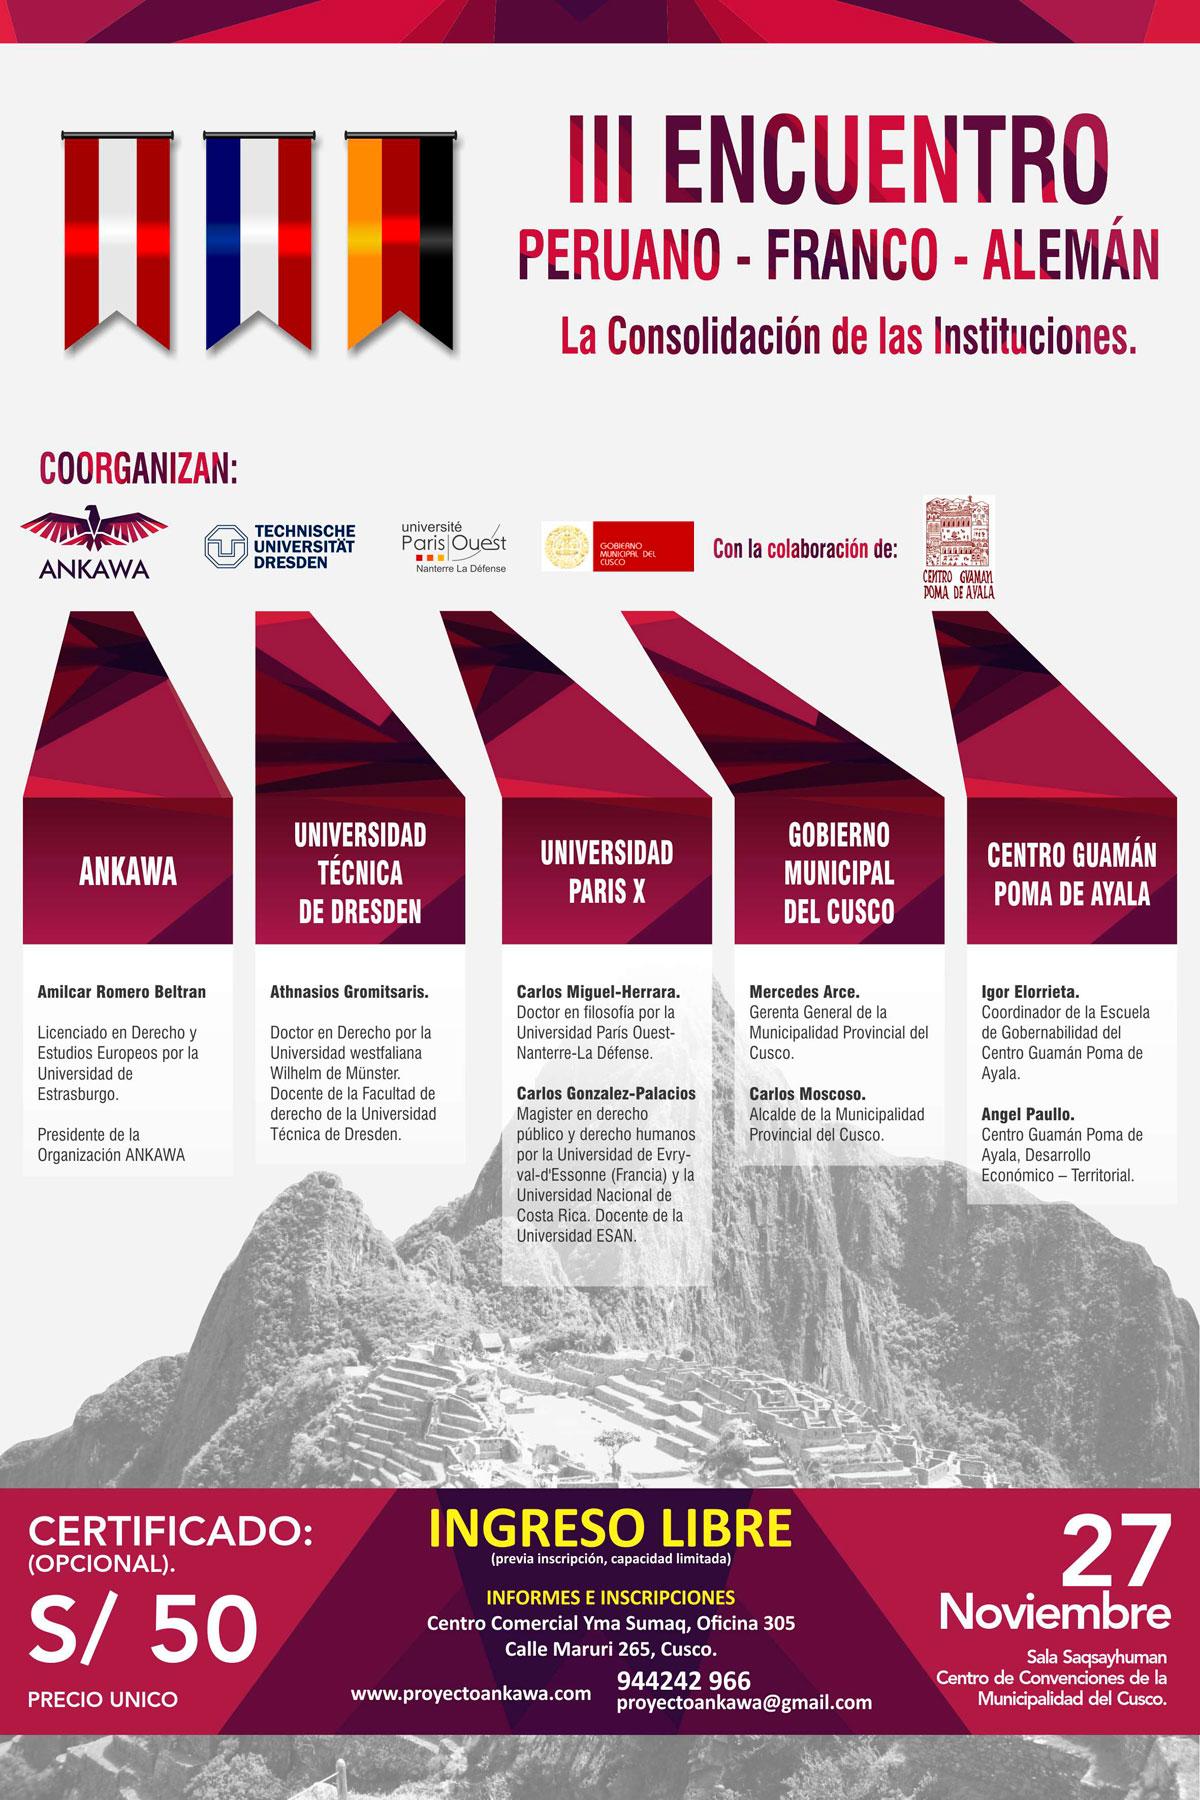 III Encuentro Peruano – Franco – Alemán